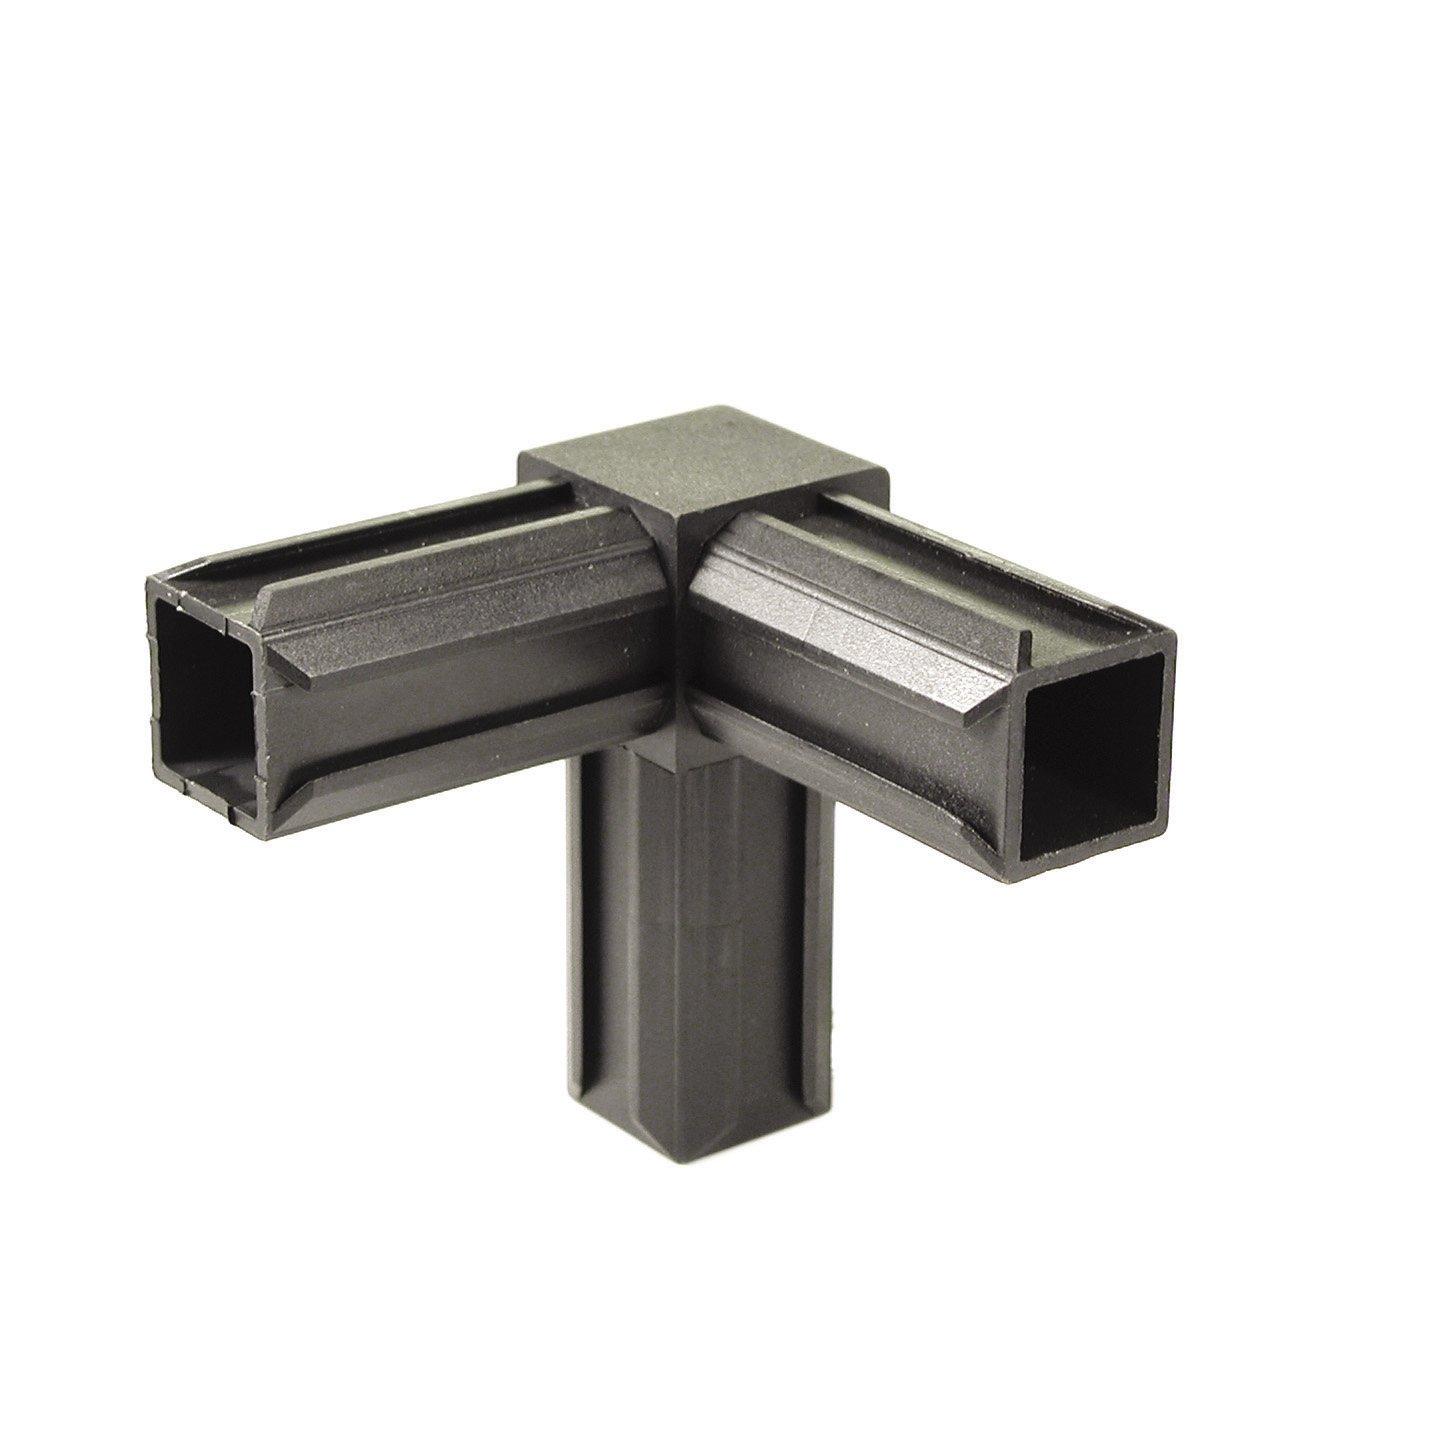 GAH-Alberts 426347 XD-Rohrverbinder - 90° und einem weiteren rechtwinkeligen Abgang, Kunststoff, schwarz, 20 x 20 x 1,5 mm / 10 Stück Gust. Alberts GmbH & Co.KG 255133